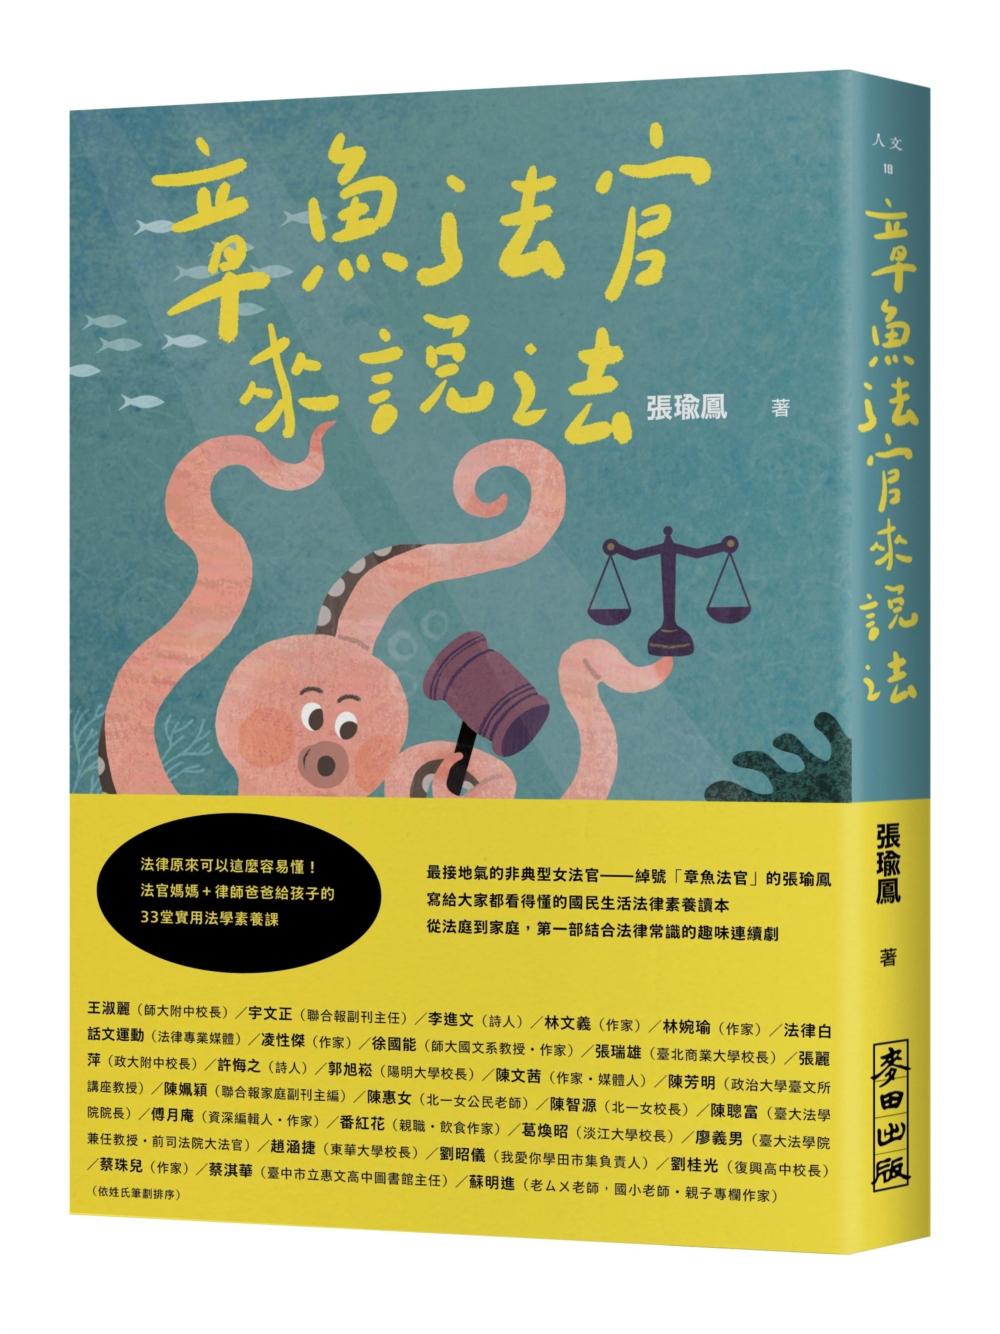 章魚法官來說法:法律原來可以這麼容易懂!法官媽媽+律師爸爸給孩子的33堂實用法學素養課